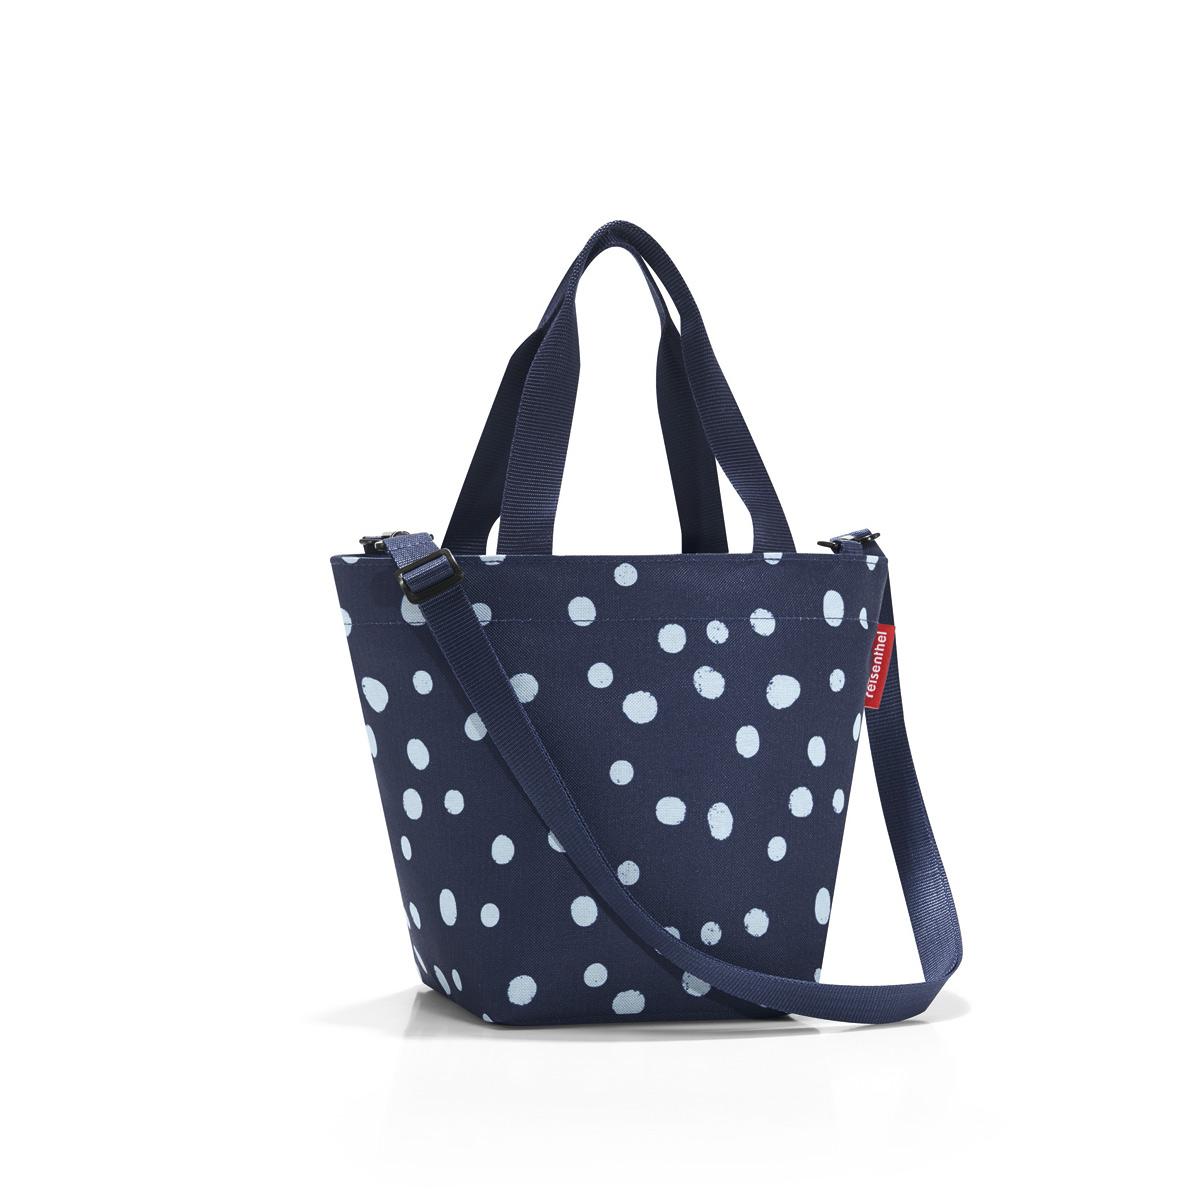 купить Сумка-шоппер женская Reisenthel Shopper XS spots navy, цвет: синий. ZR4044 по цене 1147 рублей